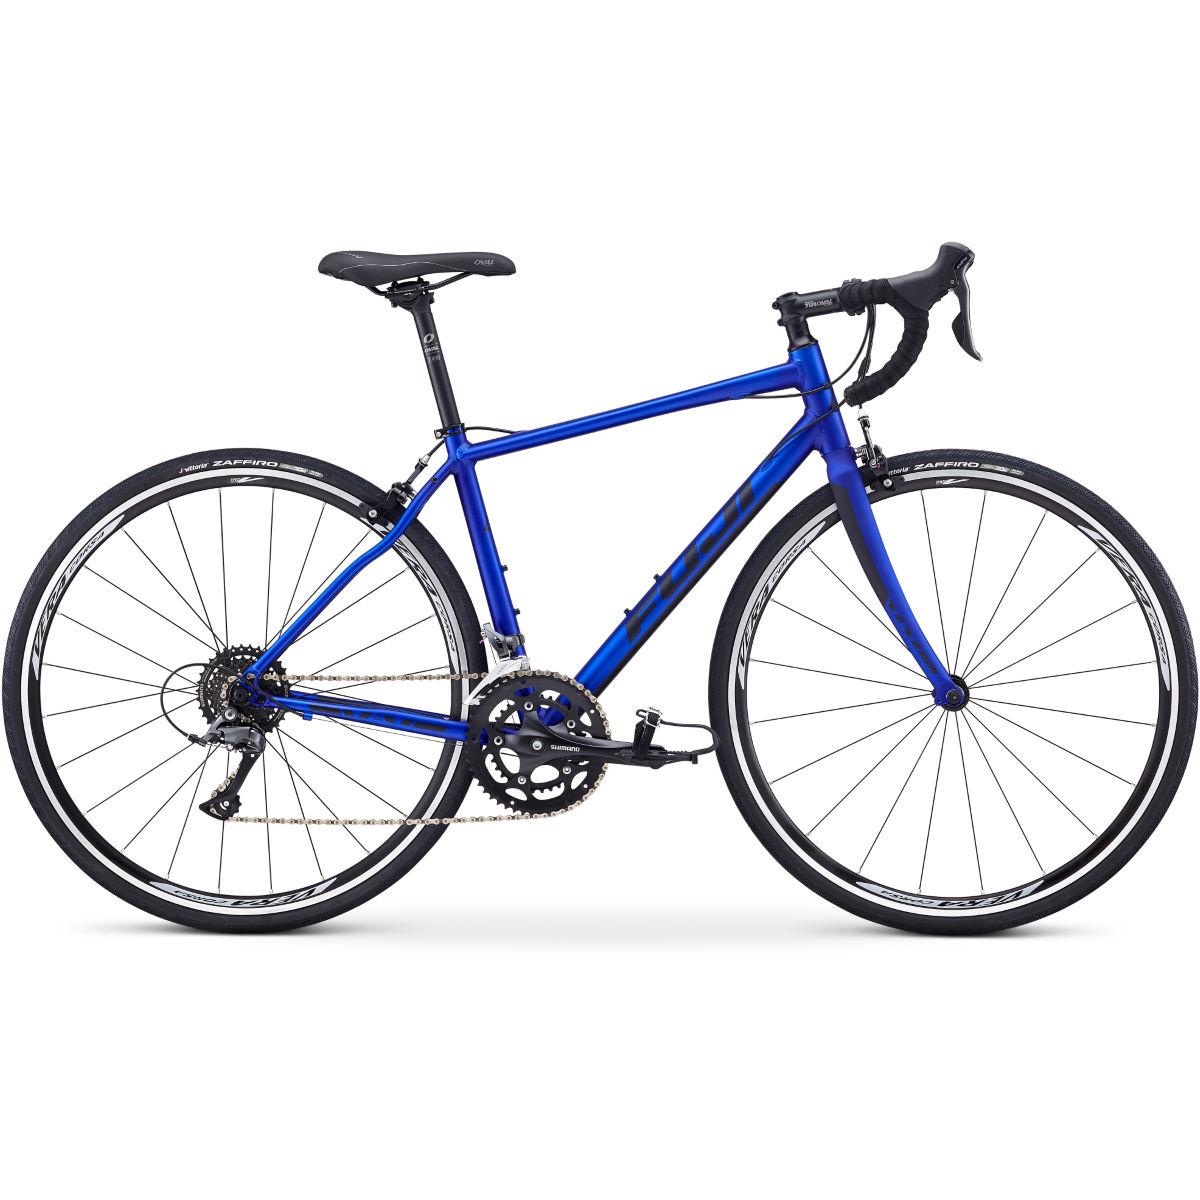 Fuji Finest 2.3 2019 Bikes